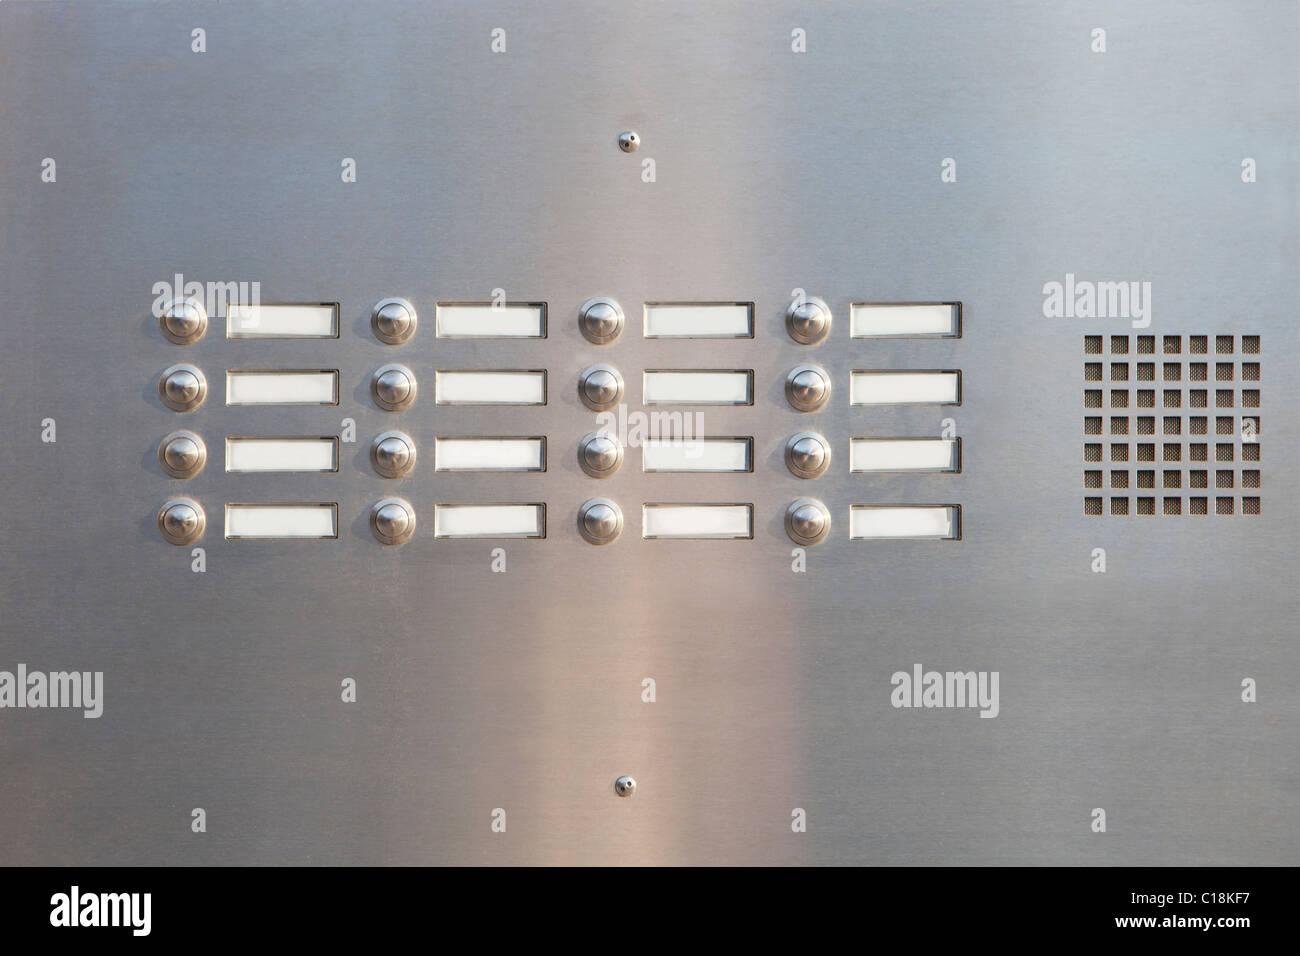 A panel of doorbells - Stock Image